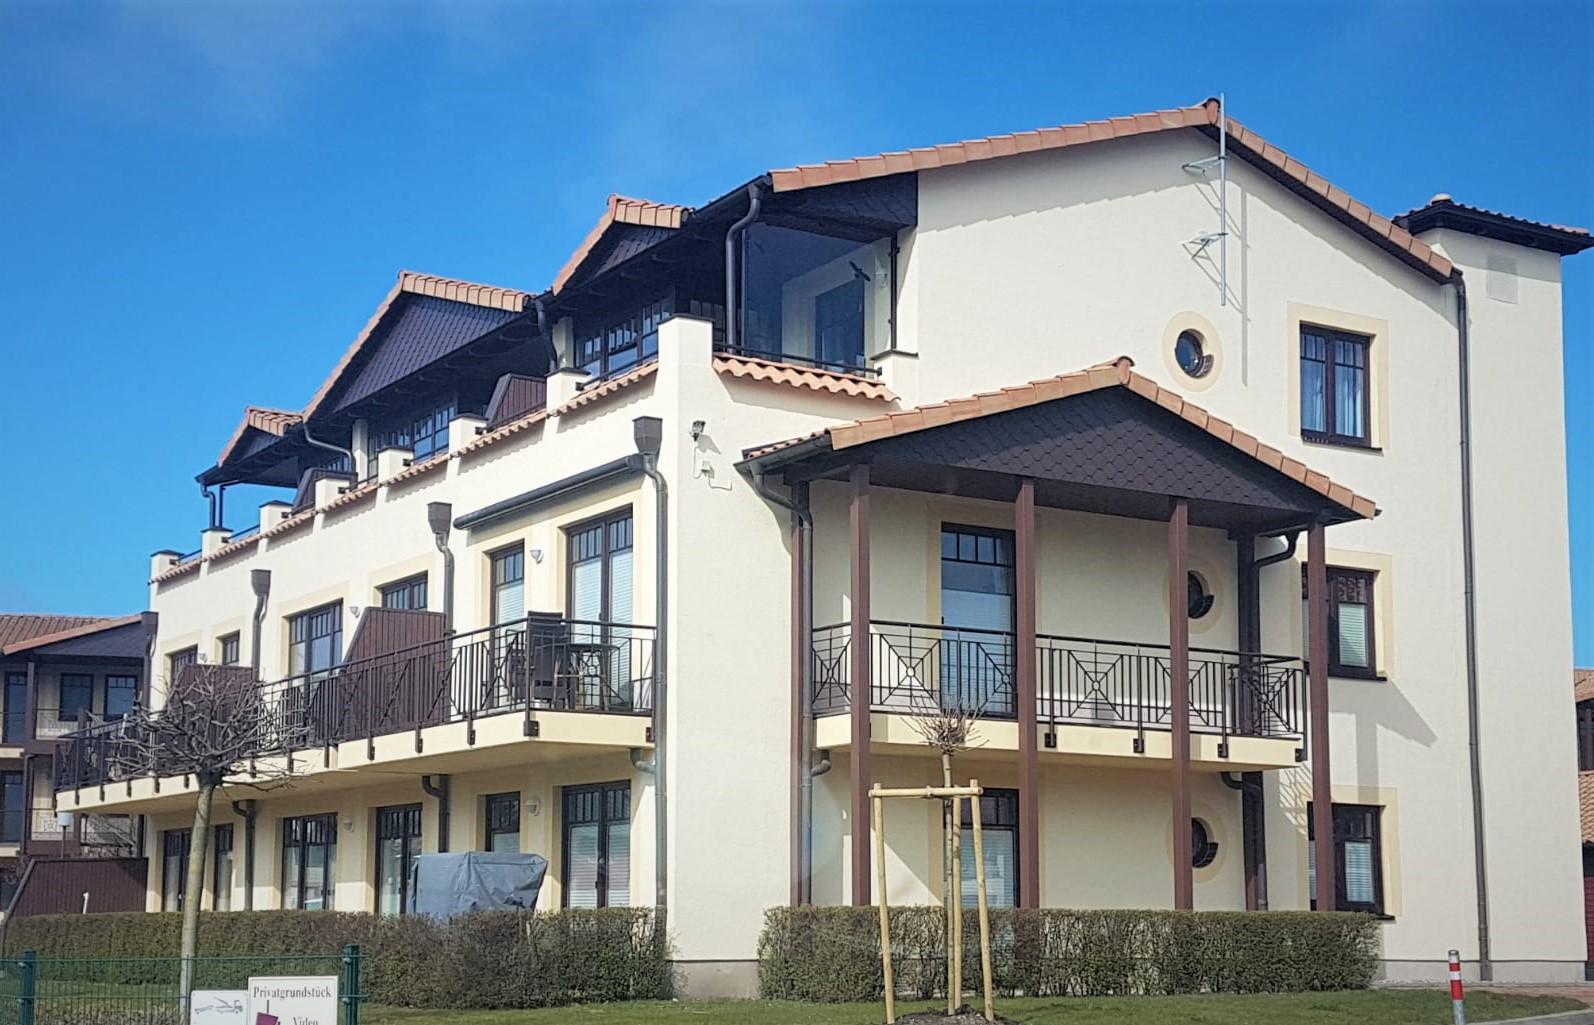 Appartementhaus in Kühlungsborn - Fassadengestaltung